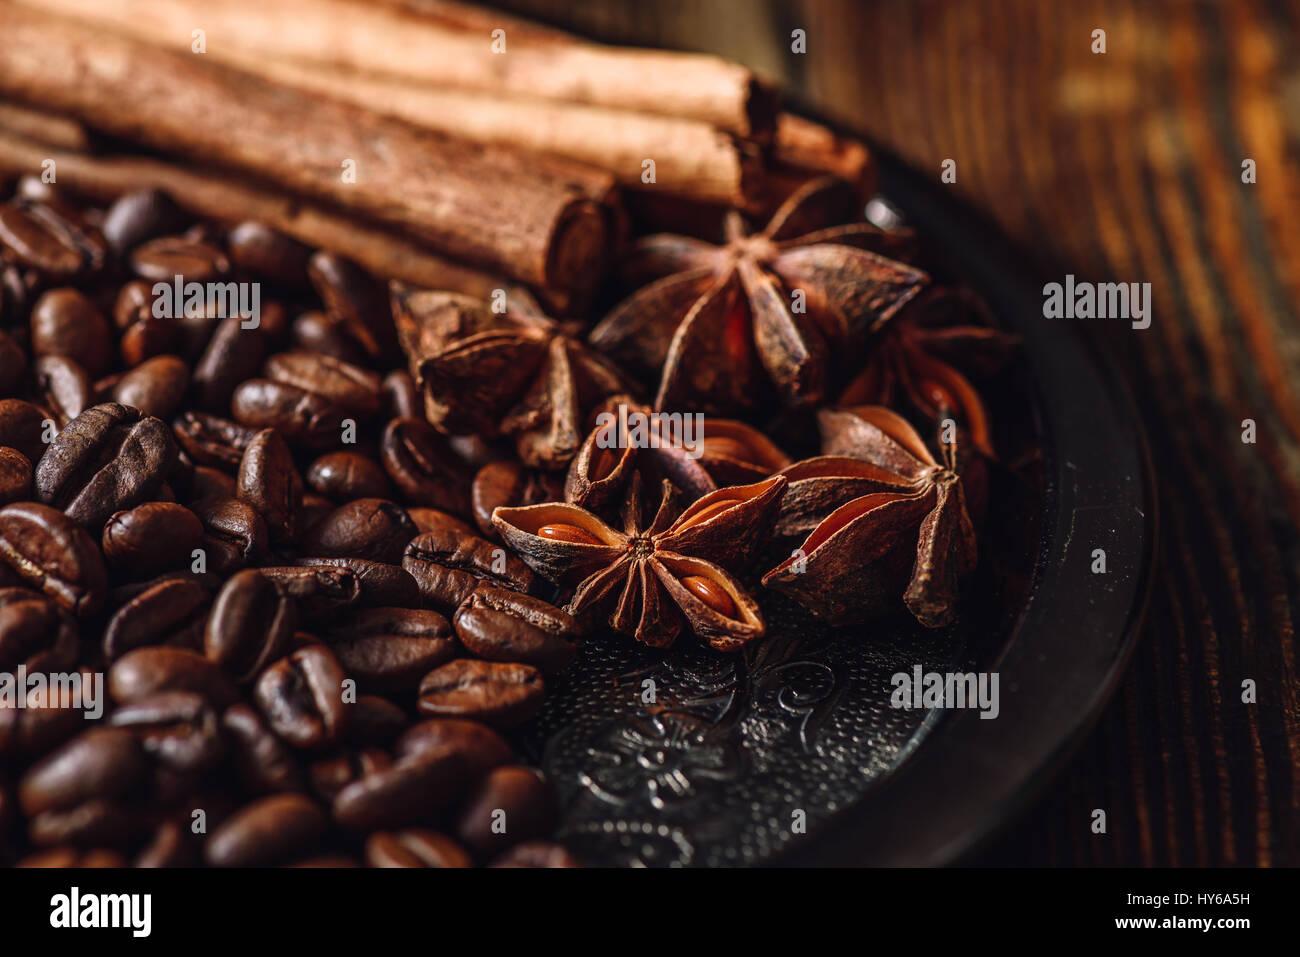 Les grains de café de cannelle et d'anis étoilé sur plaque métallique. Photo Stock